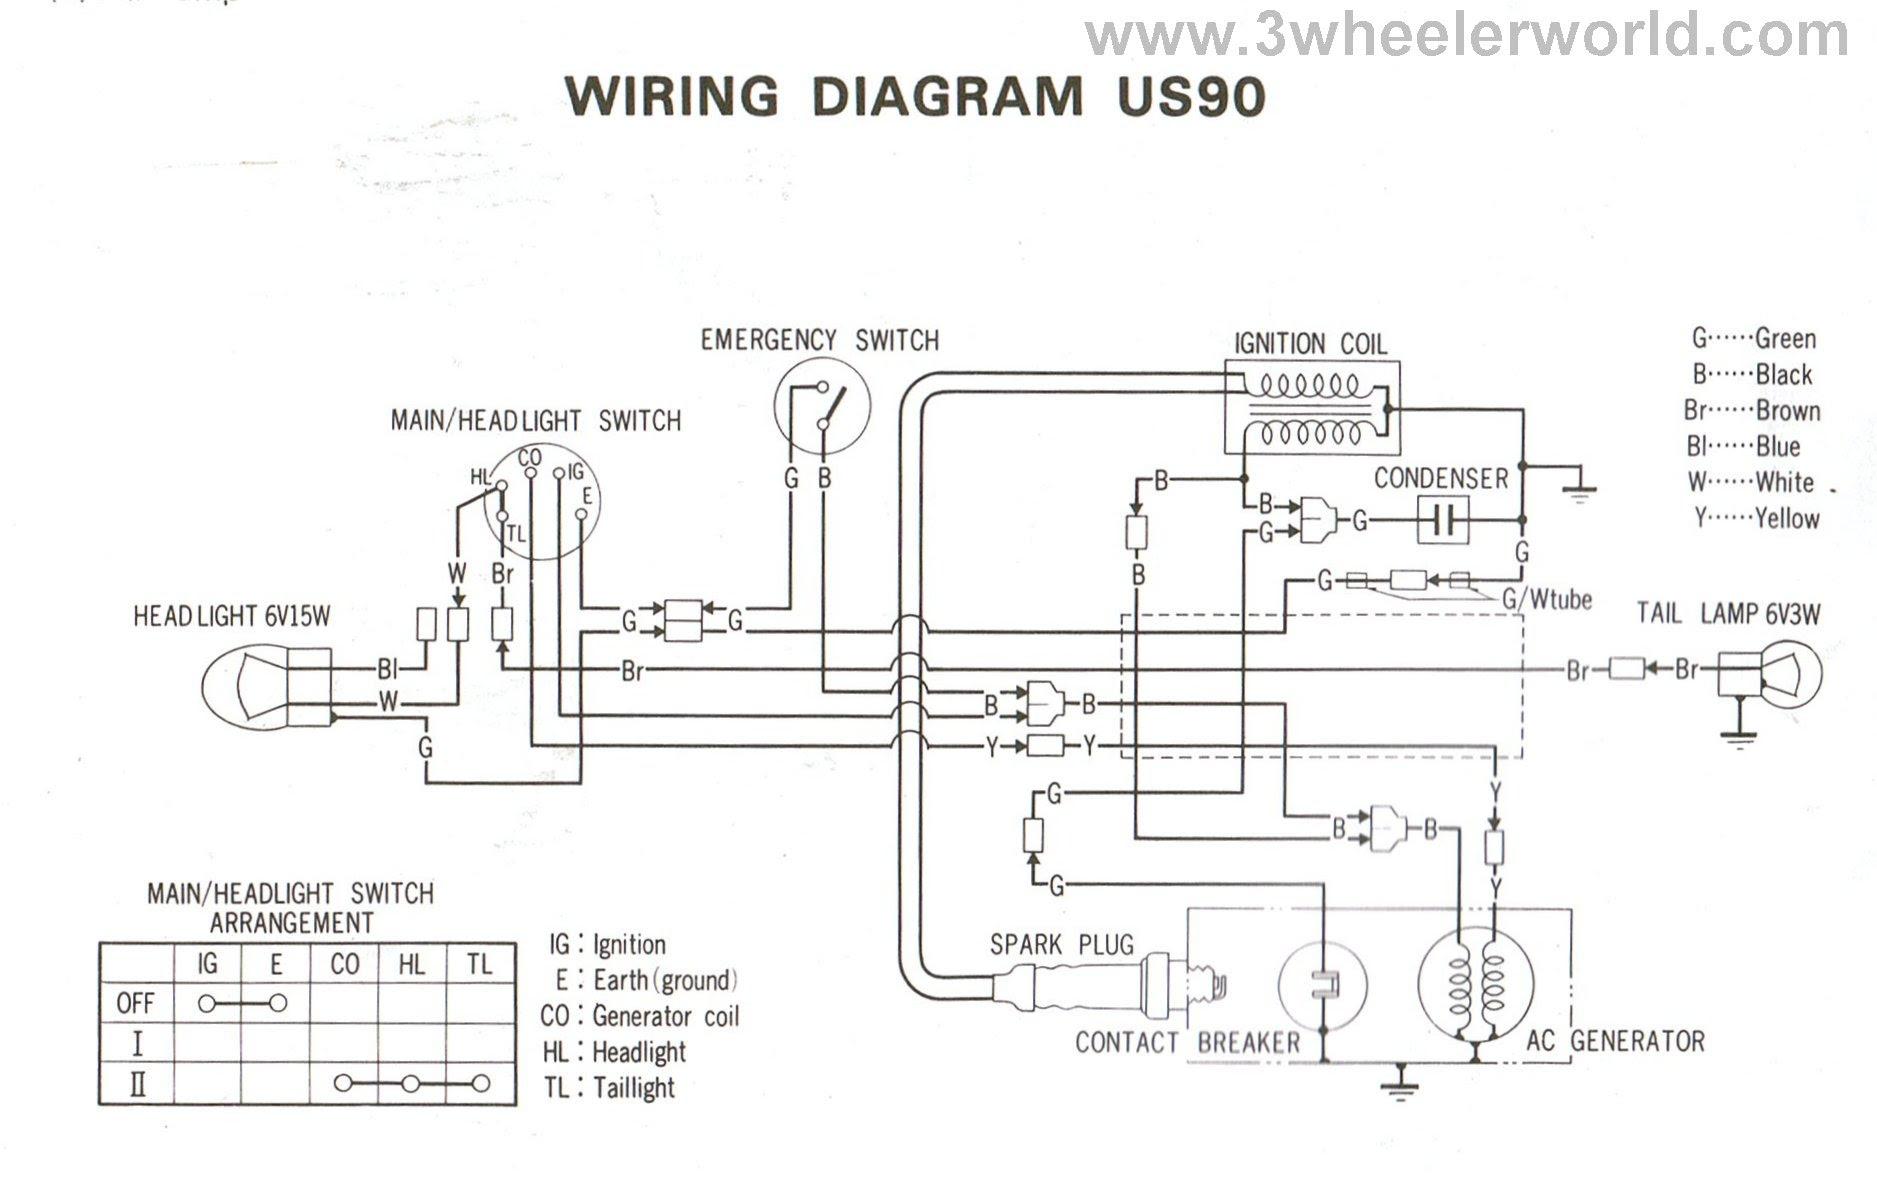 1973 kawasaki 90 wiring diagrams - swap diagram  swap diagram